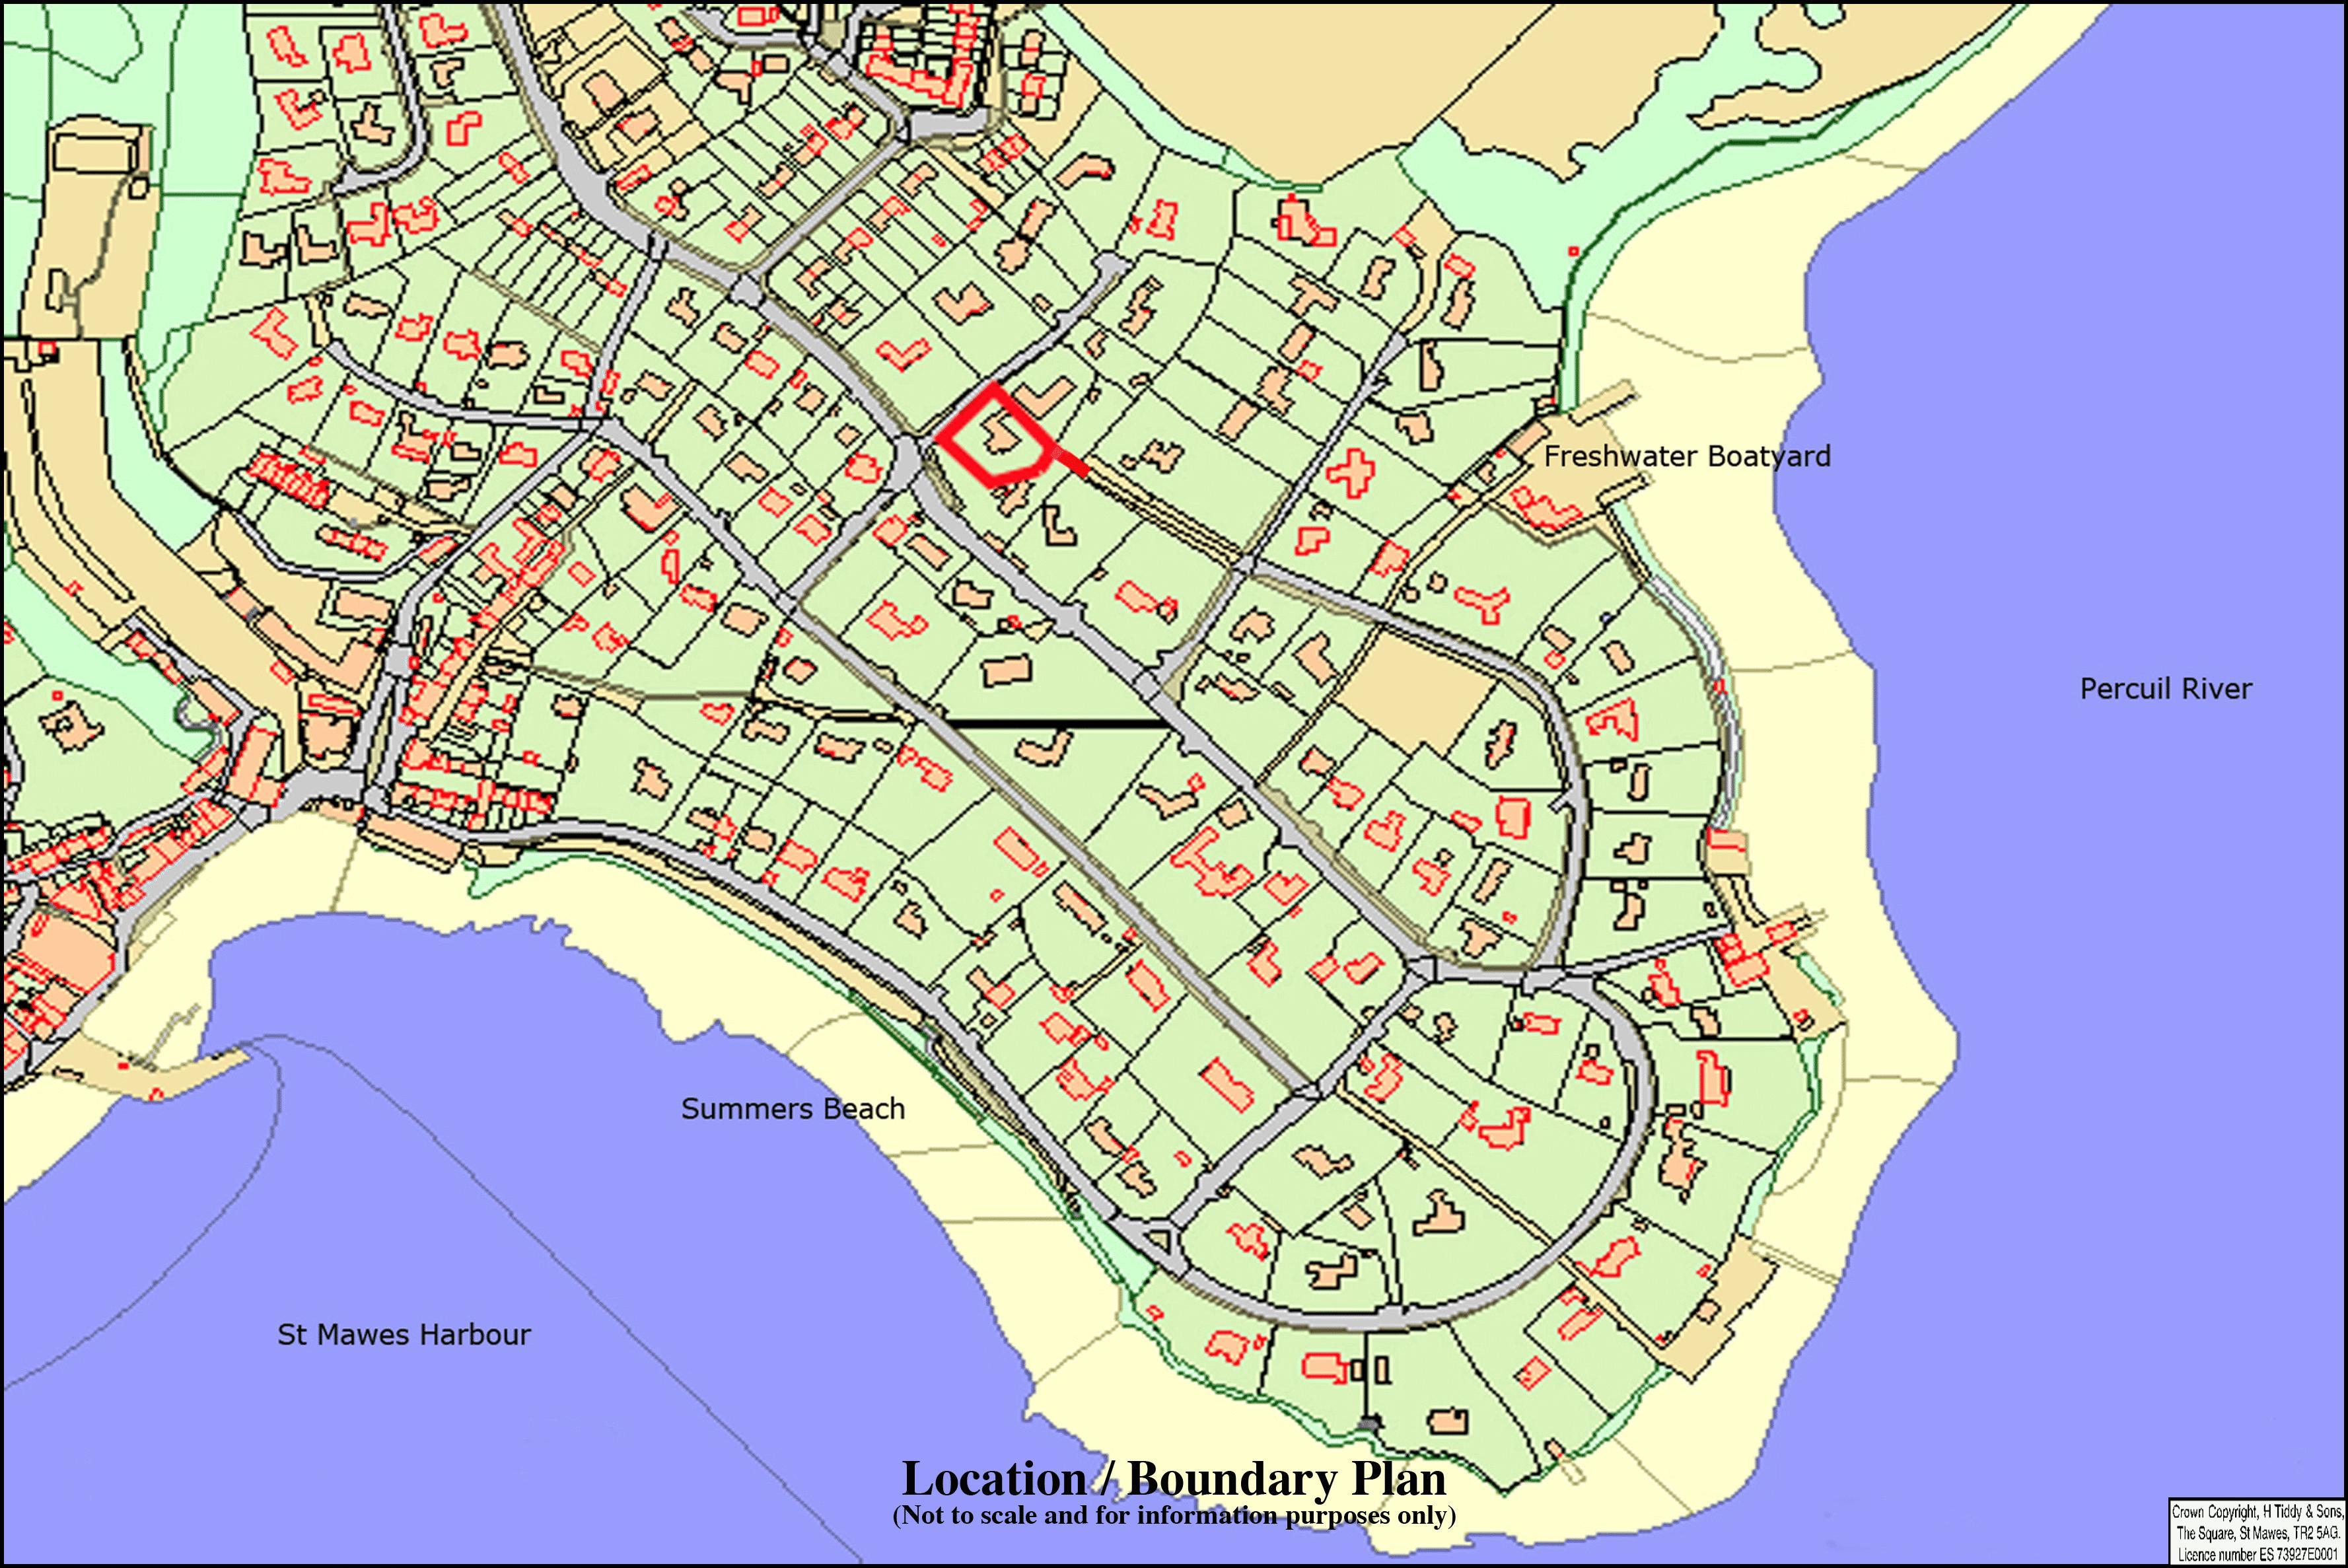 Boundary Location